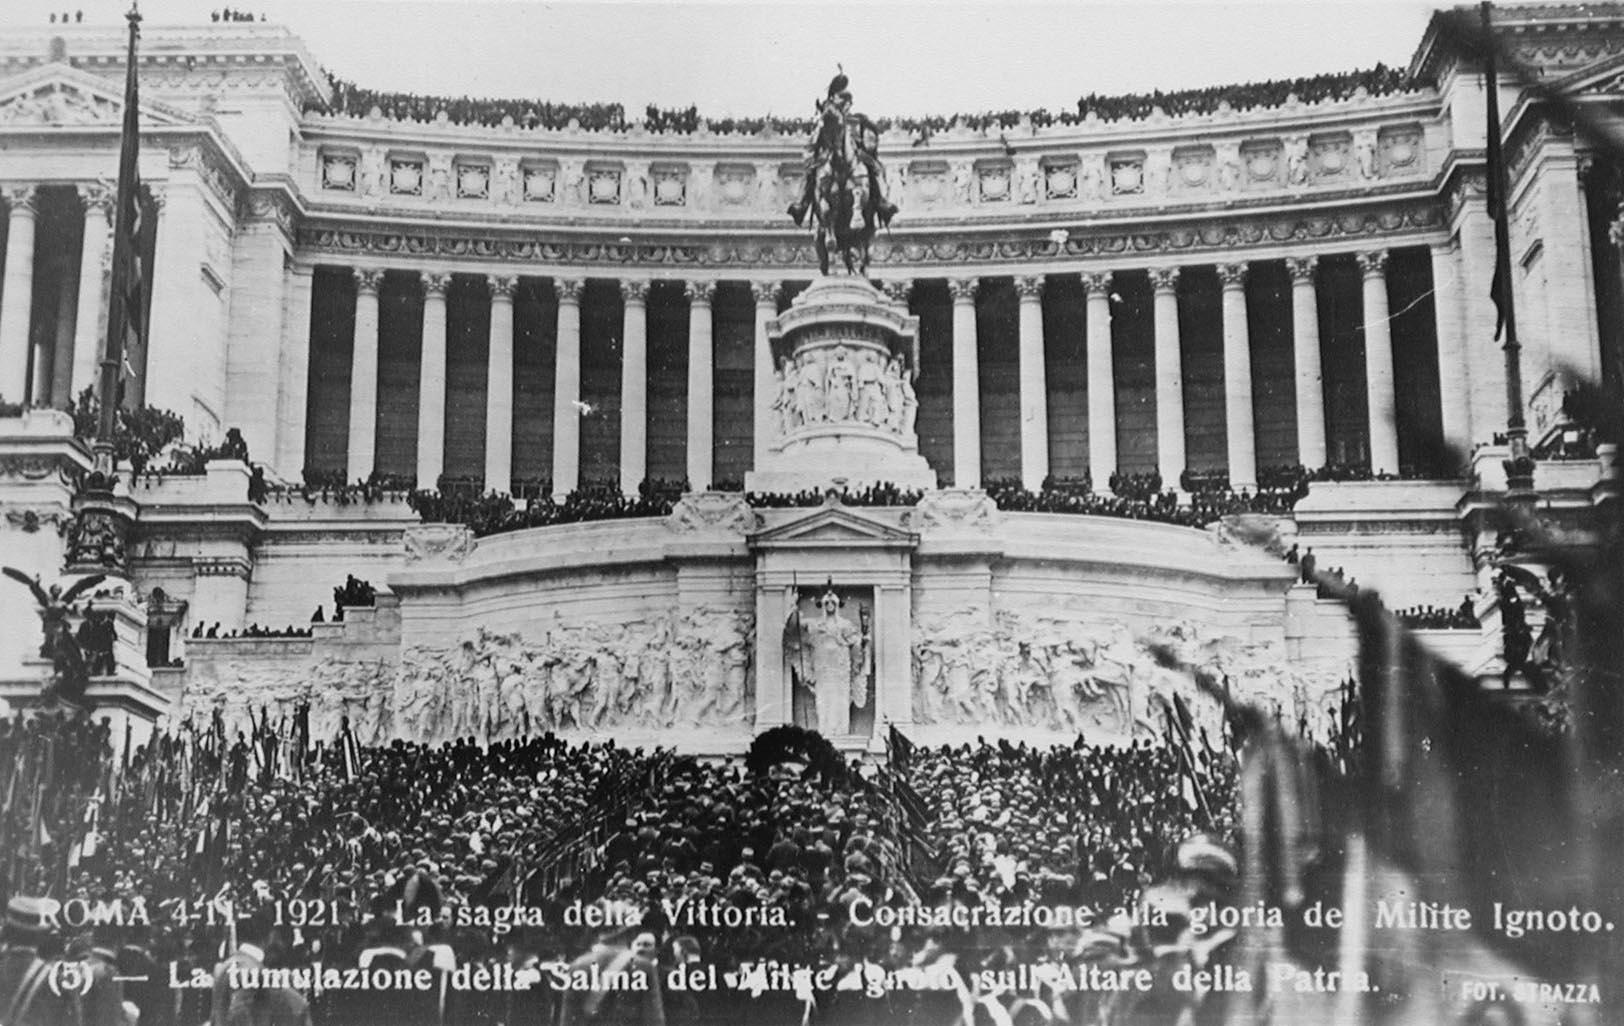 Fig. 3 | Cartolina ricordo del 4 novembre 1921: la tumulazione del Milite Ignoto al Vittoriano in Roma